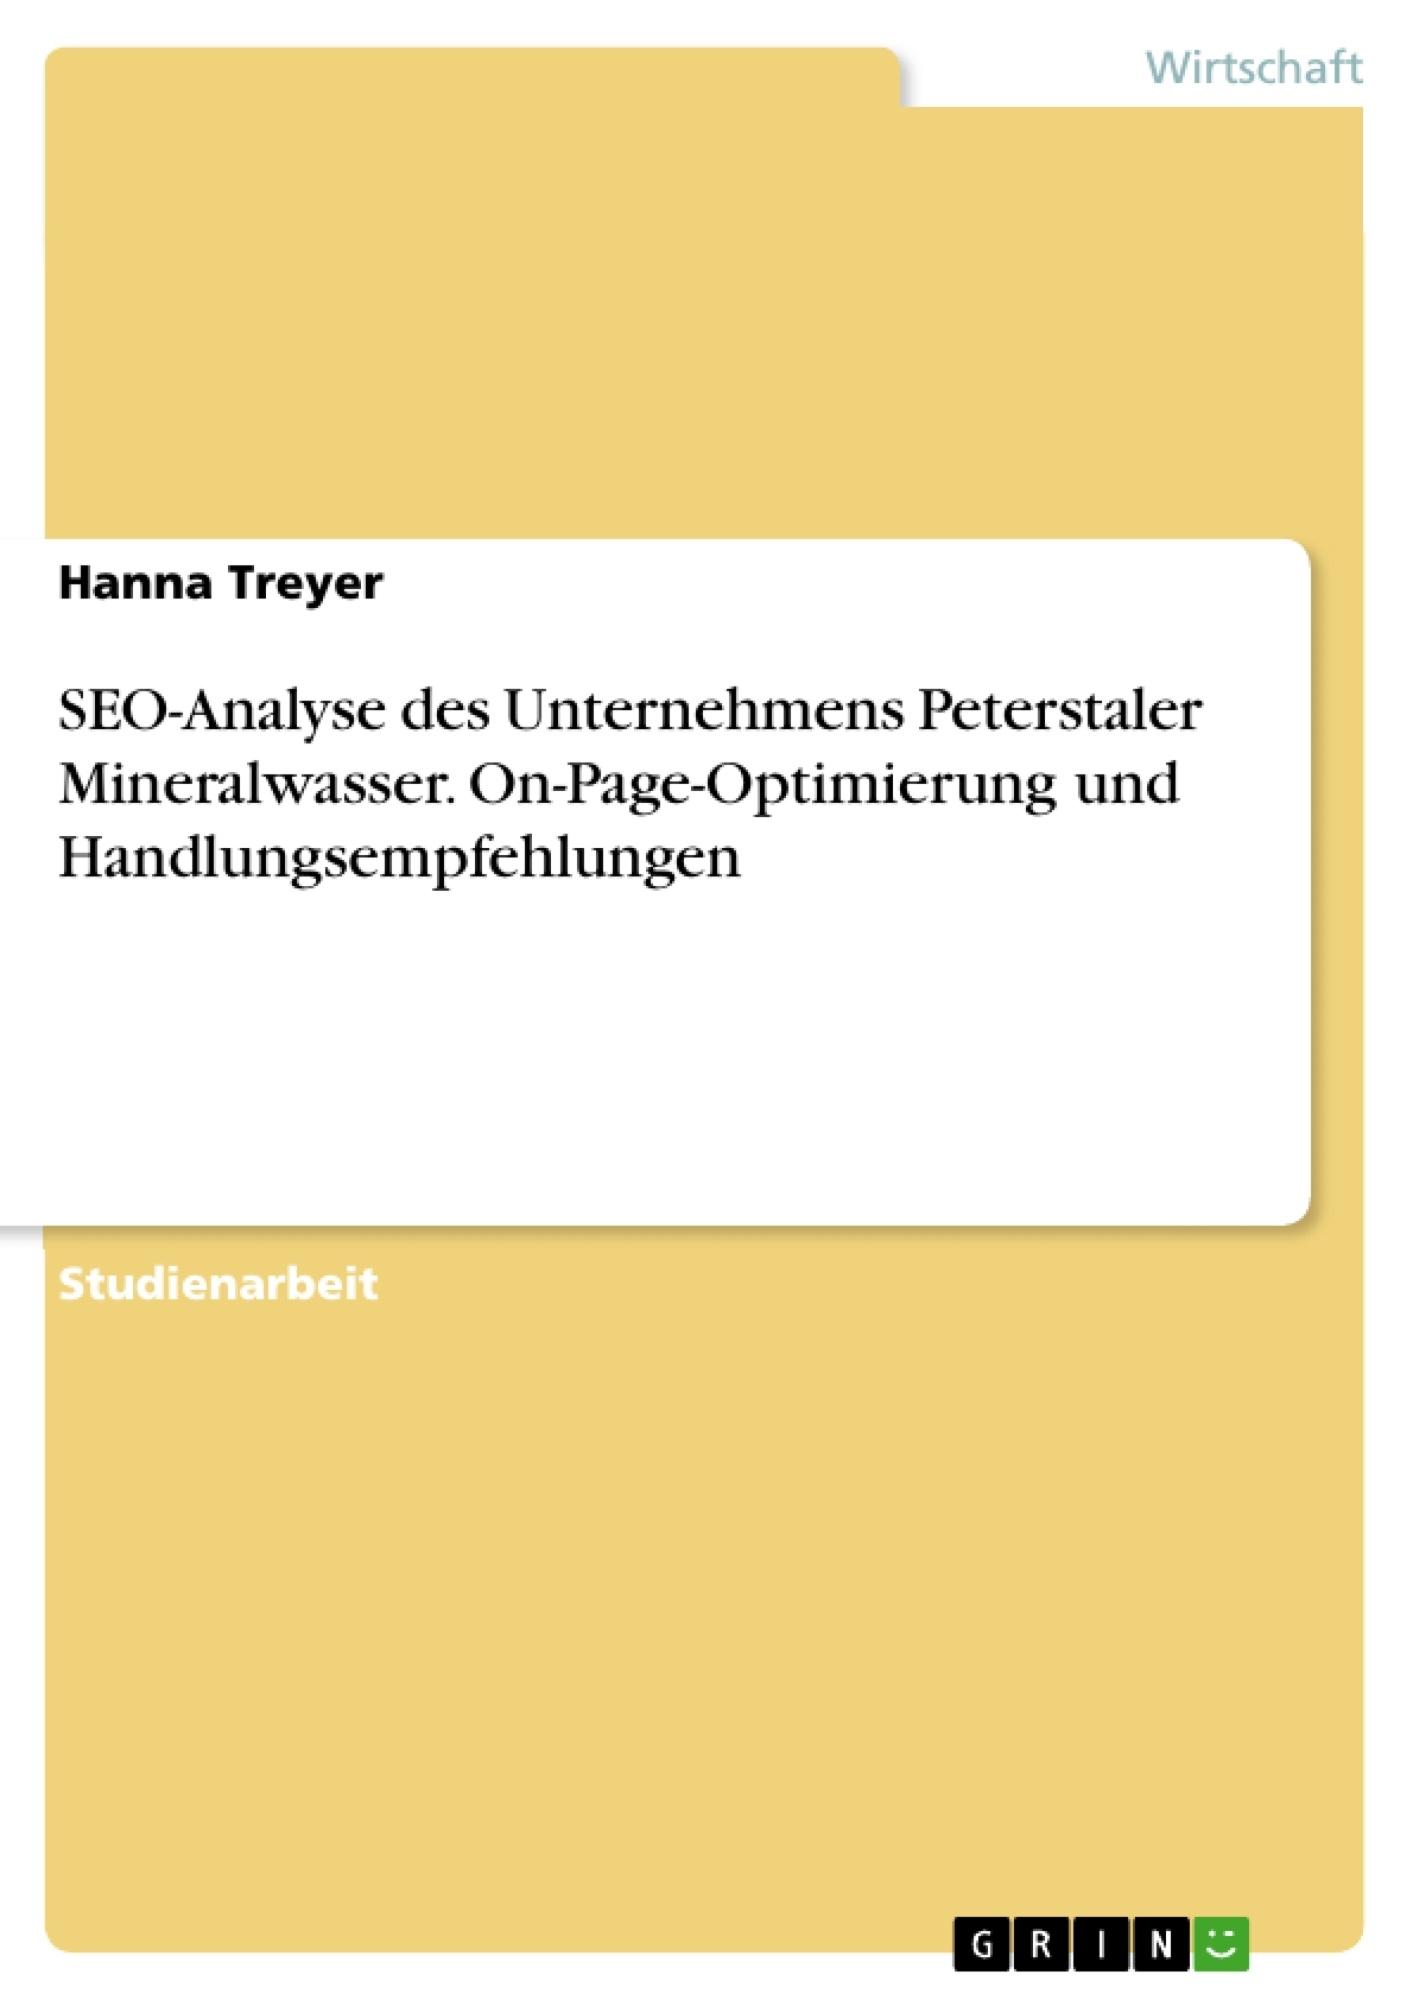 Titel: SEO-Analyse des Unternehmens Peterstaler Mineralwasser. On-Page-Optimierung und Handlungsempfehlungen